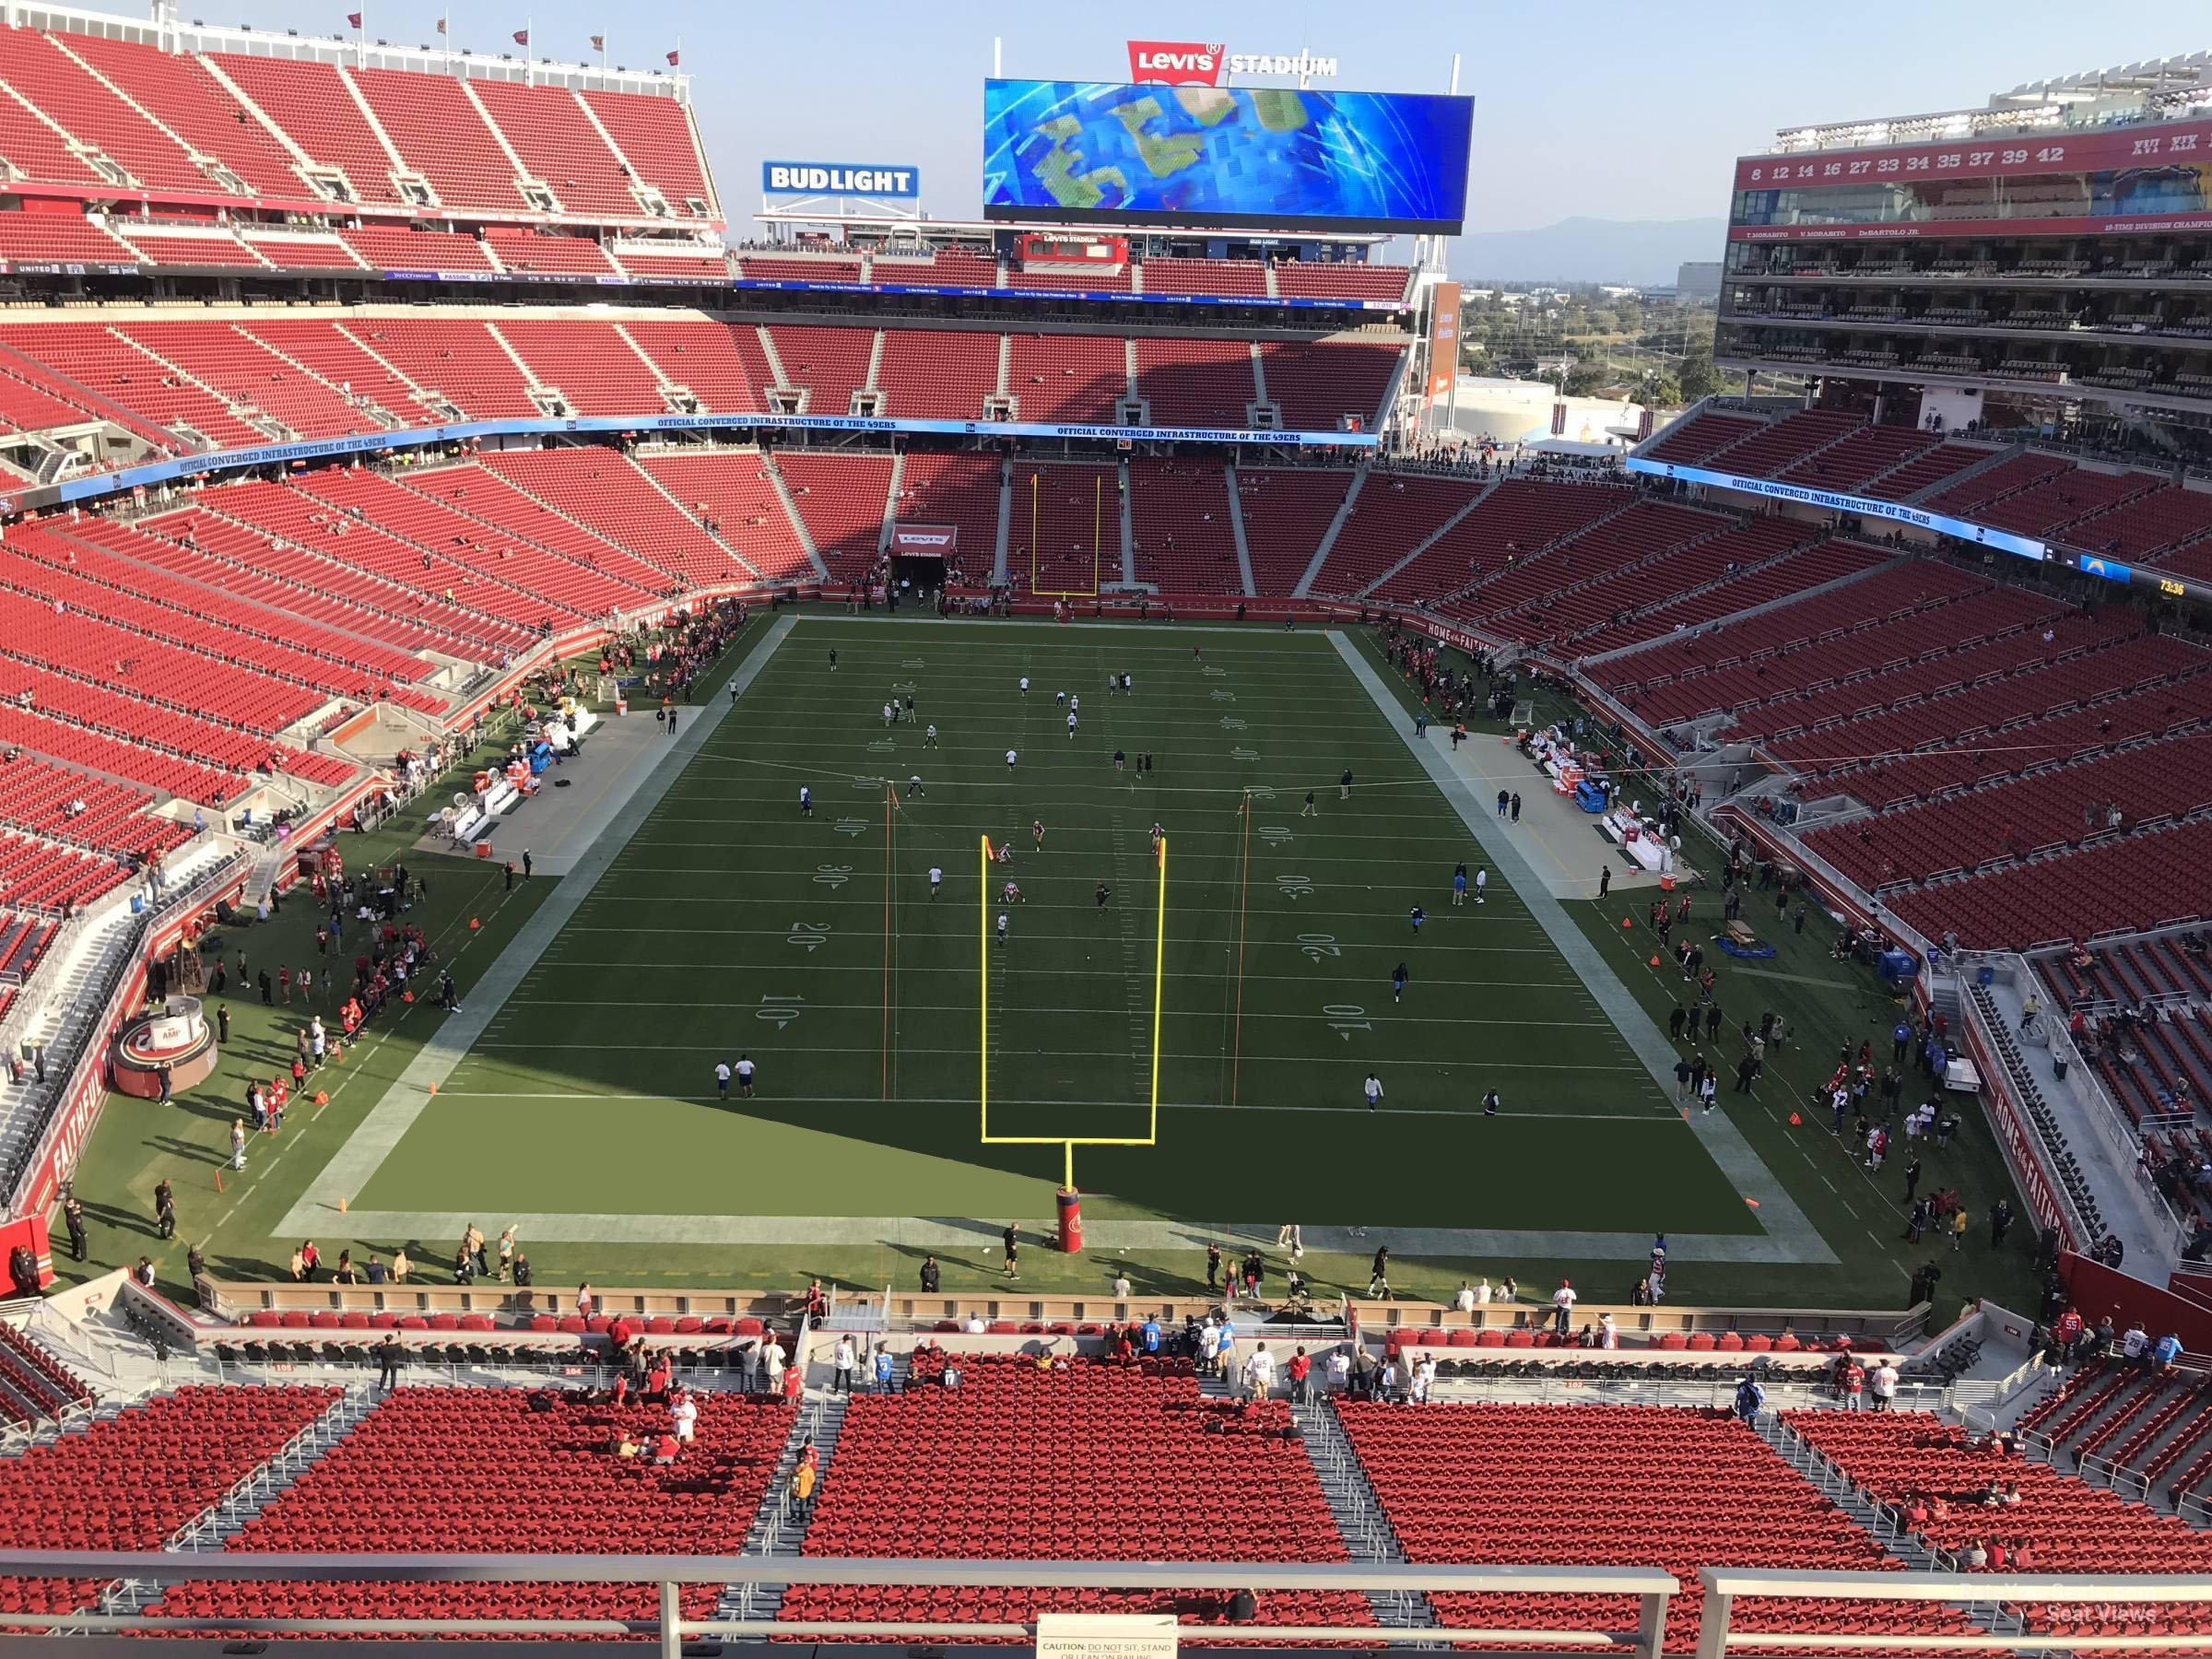 levi's stadium section 303 - rateyourseats